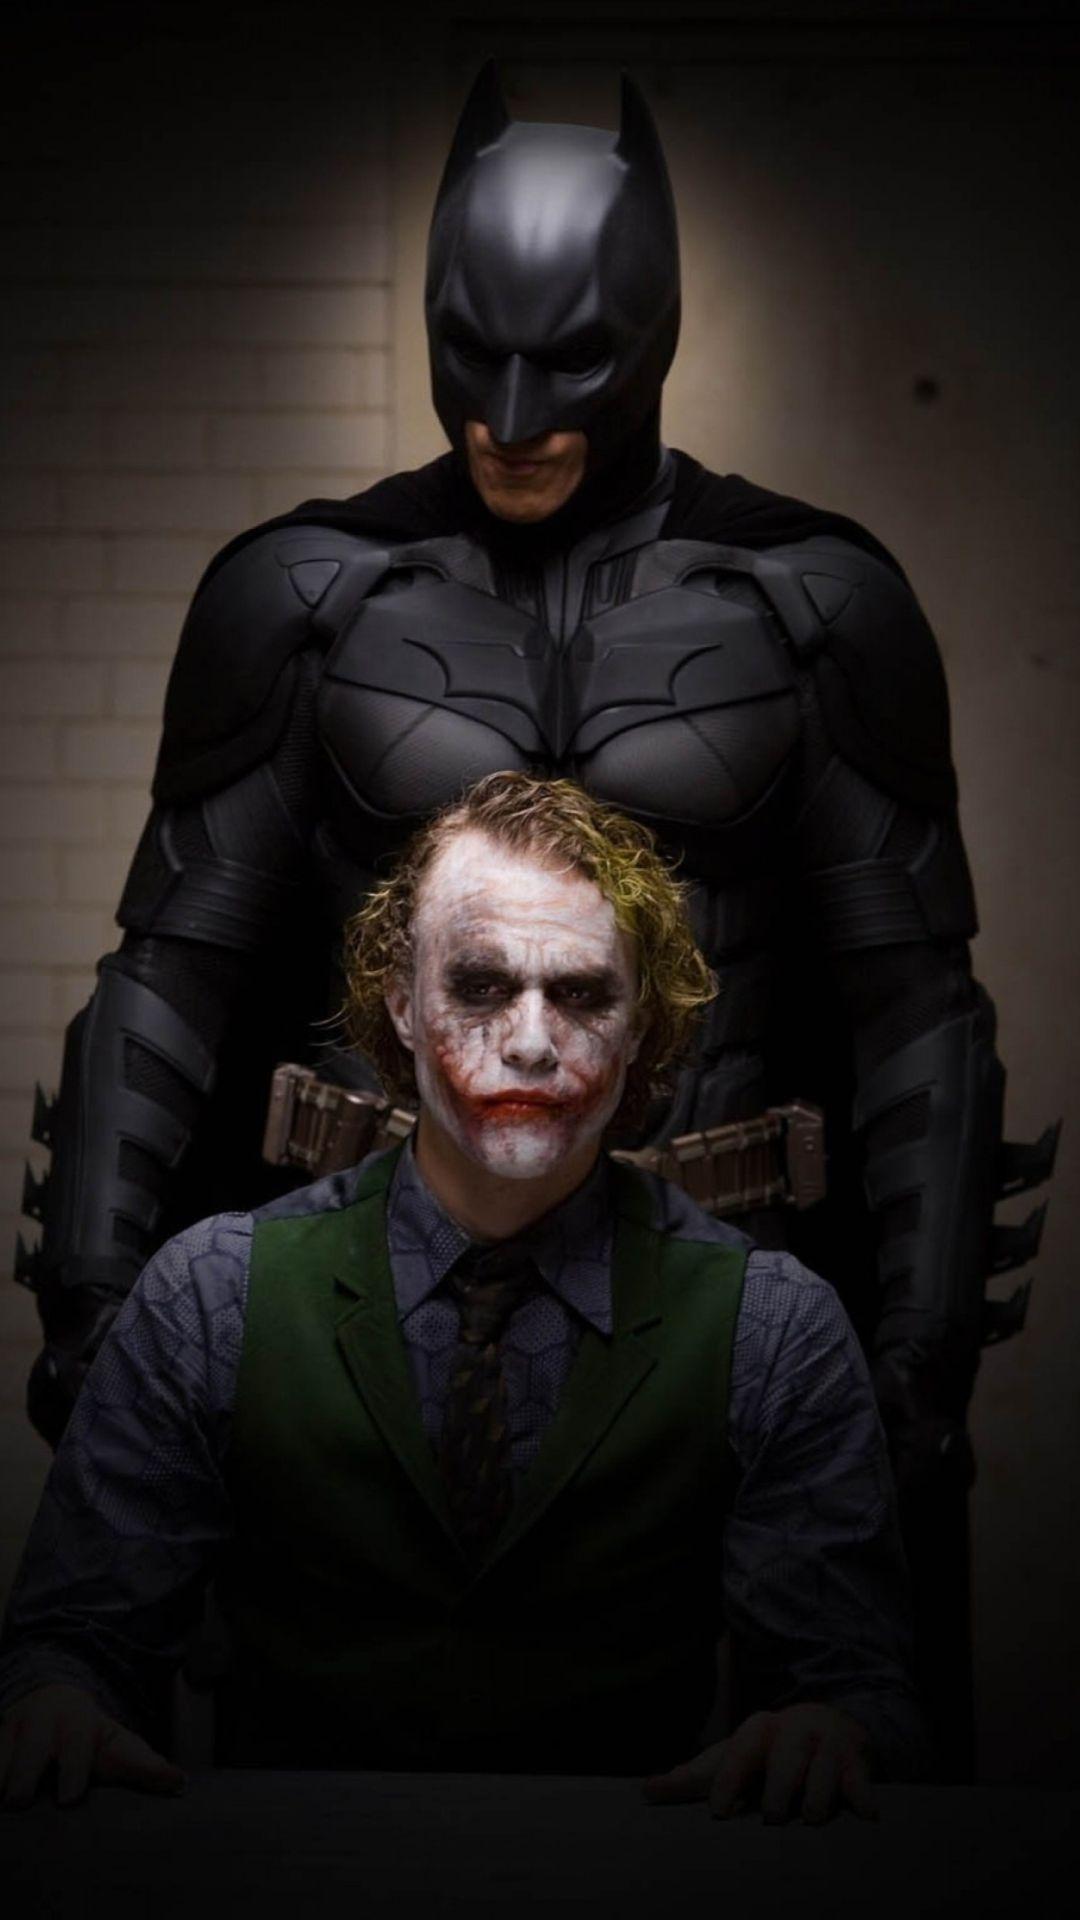 Batman And Joker 1080x1920 Joker Dark Knight Dark Knight Wallpaper Batman Joker